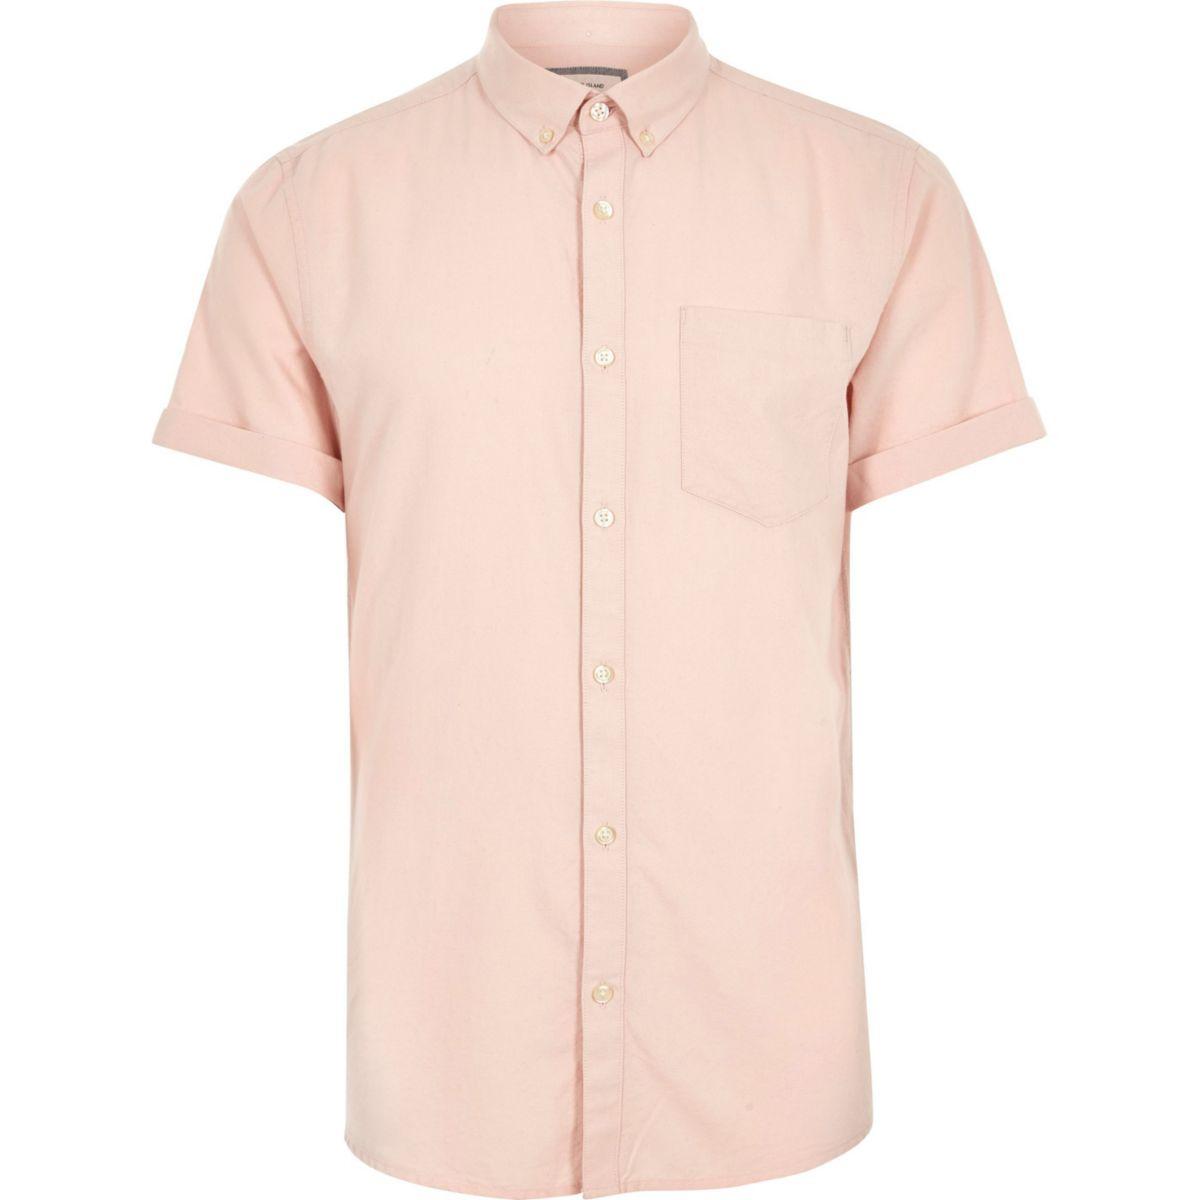 Big & Tall – Pinkes, kurzärmliges Oxford-Hemd